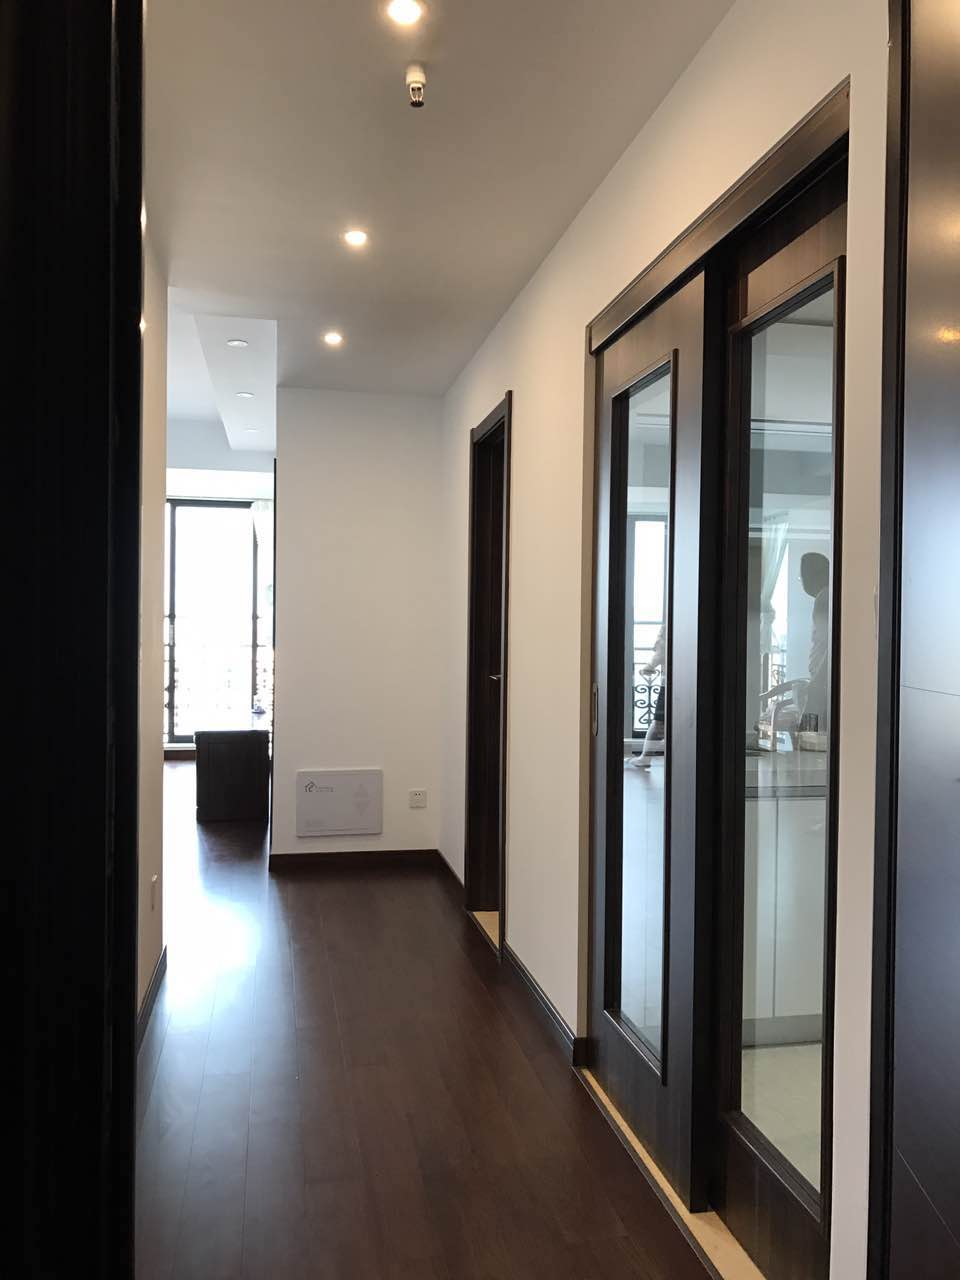 过道两侧是厨房和卧室,整洁而又有种秩序的美感。